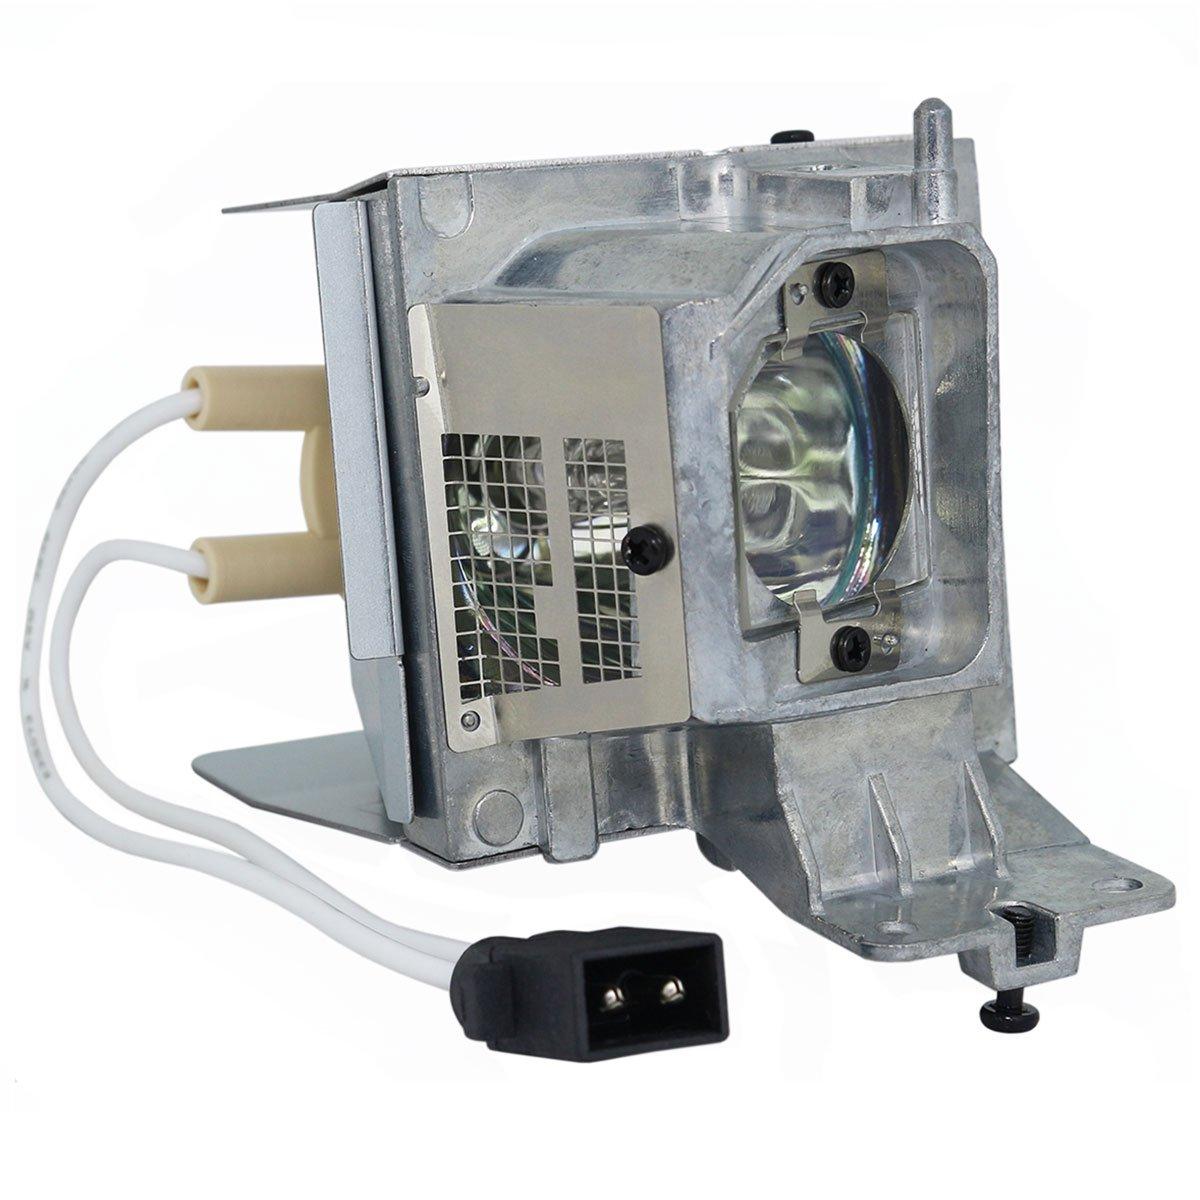 L/ámpara de Remplazo Original Philips para Proyector para Optoma W402 Sin Carcasa